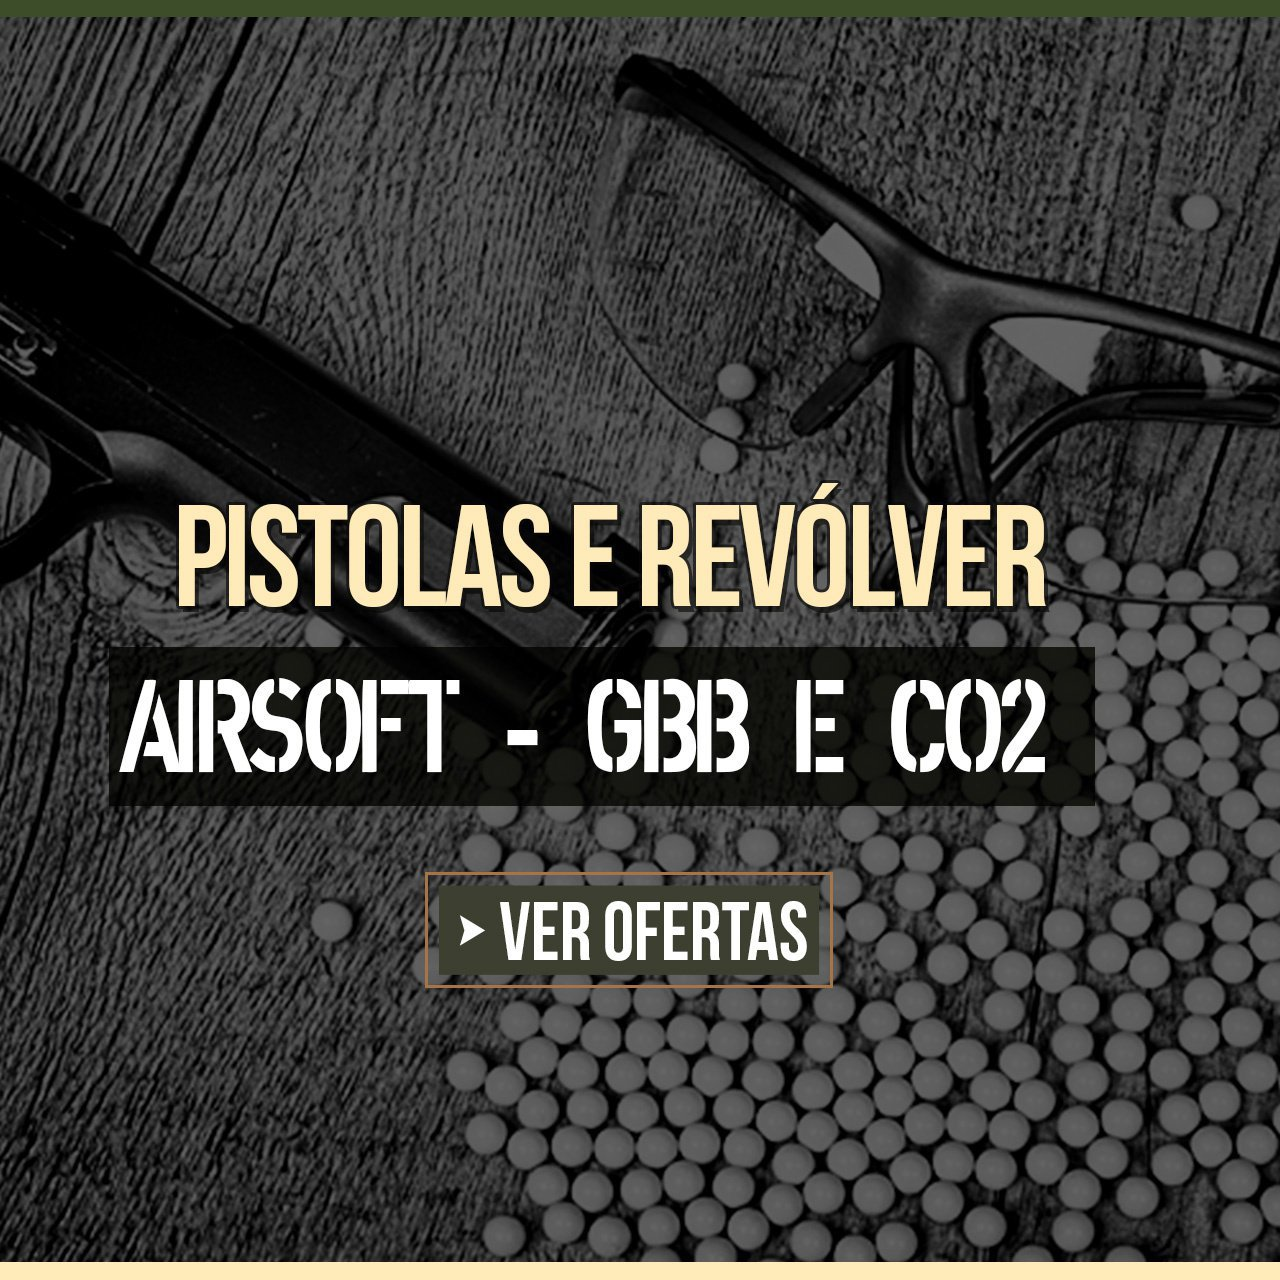 PISTOLAS E REVÓLVER AIRSOFT - GBB E CO2